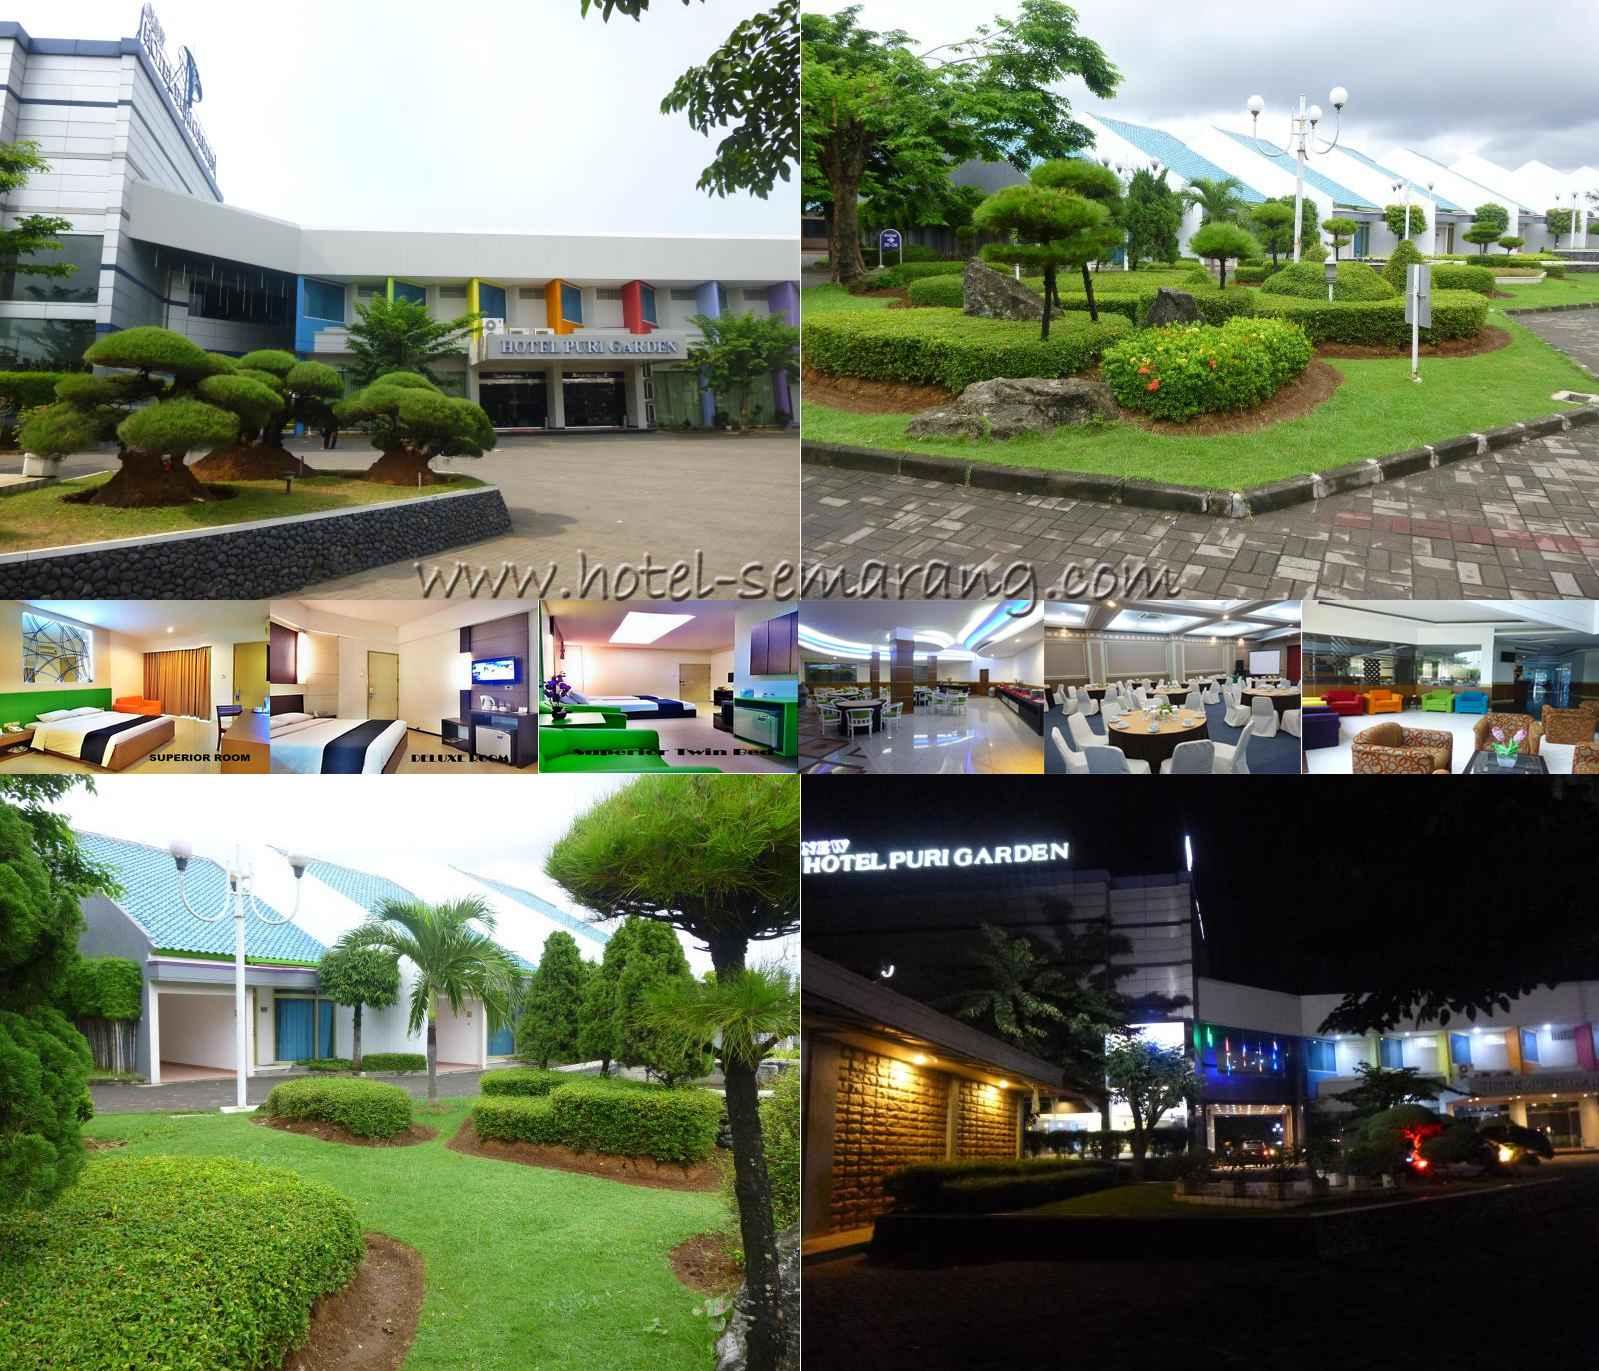 Fasilitas New Hotel Puri Garden Menawarkan Bagi Tamu Berbagai Macam Untuk Memberikan Pengalaman Menginap Yang Berbda Di Kota Semarang